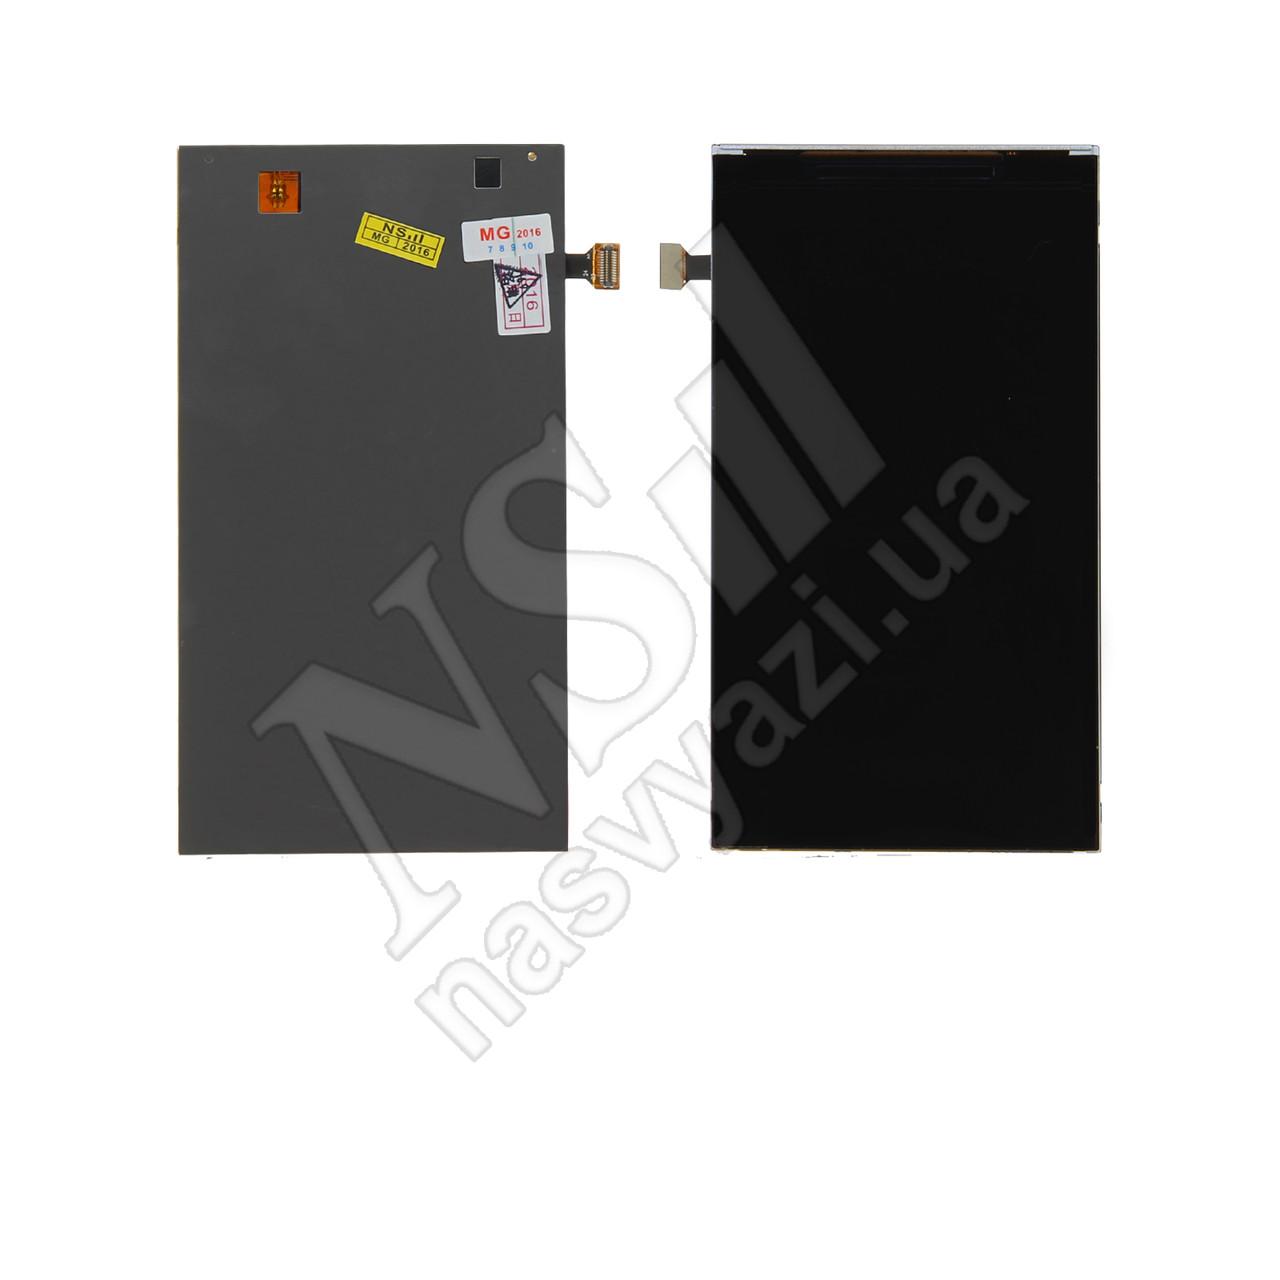 Дисплей HUAWEI Ascend Honor Pro G600/U8950 (2012)